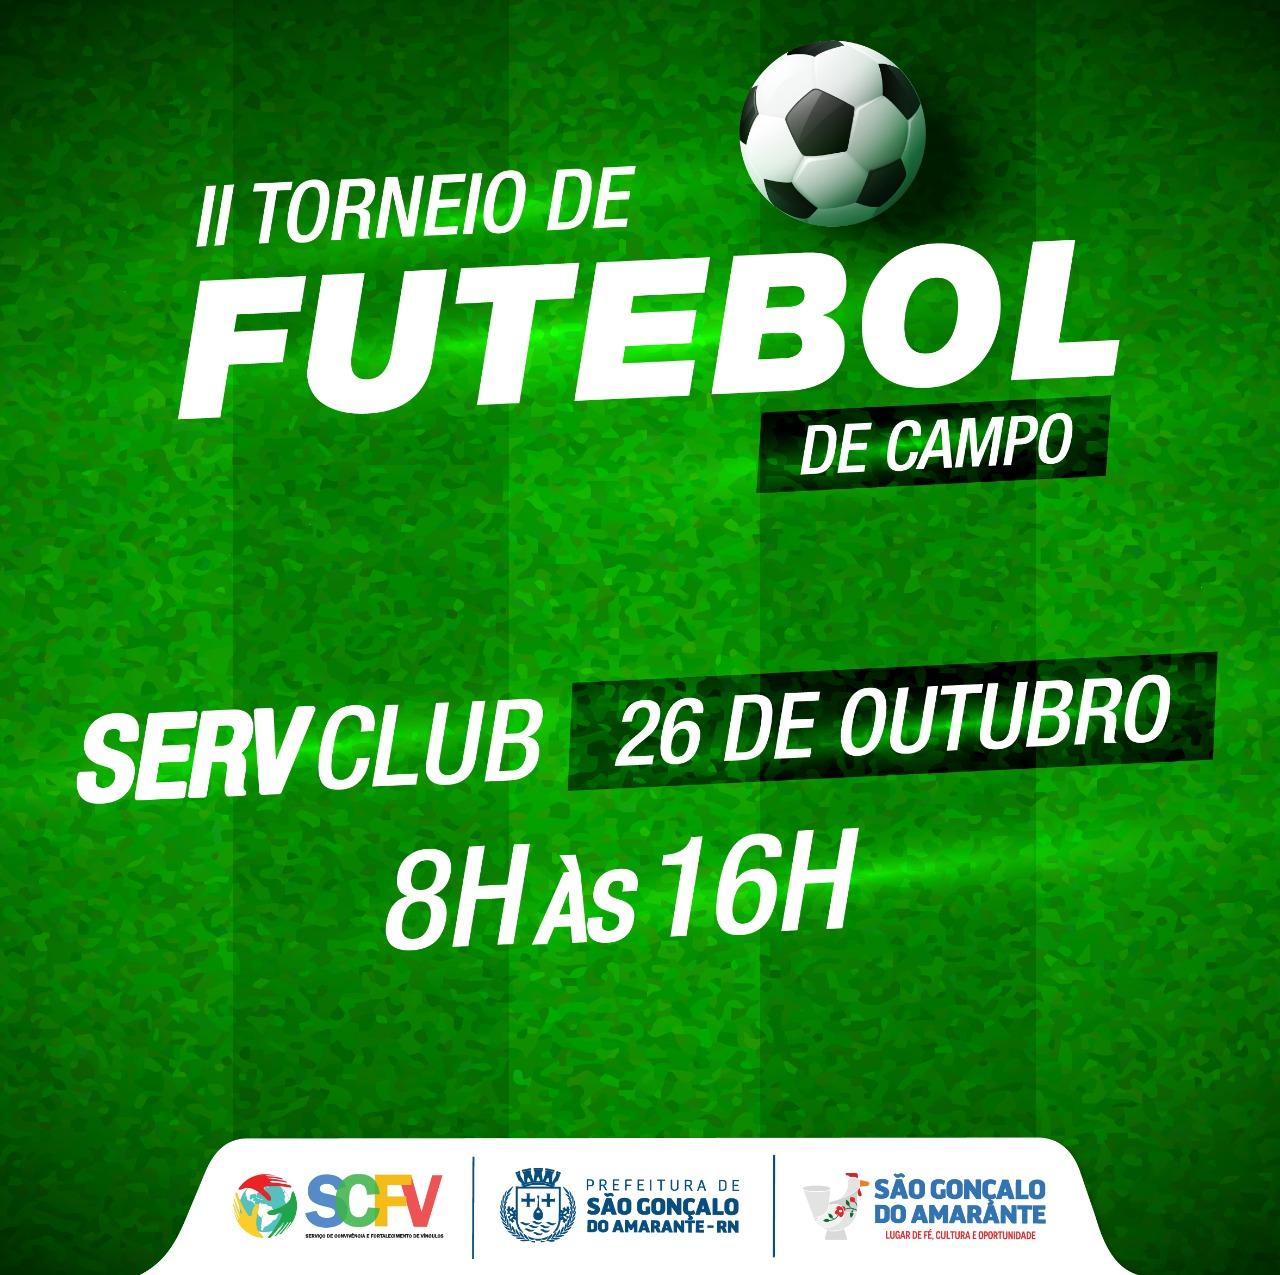 Serviço de Convivência promove II Torneio de Futebol de Campo na próxima semana